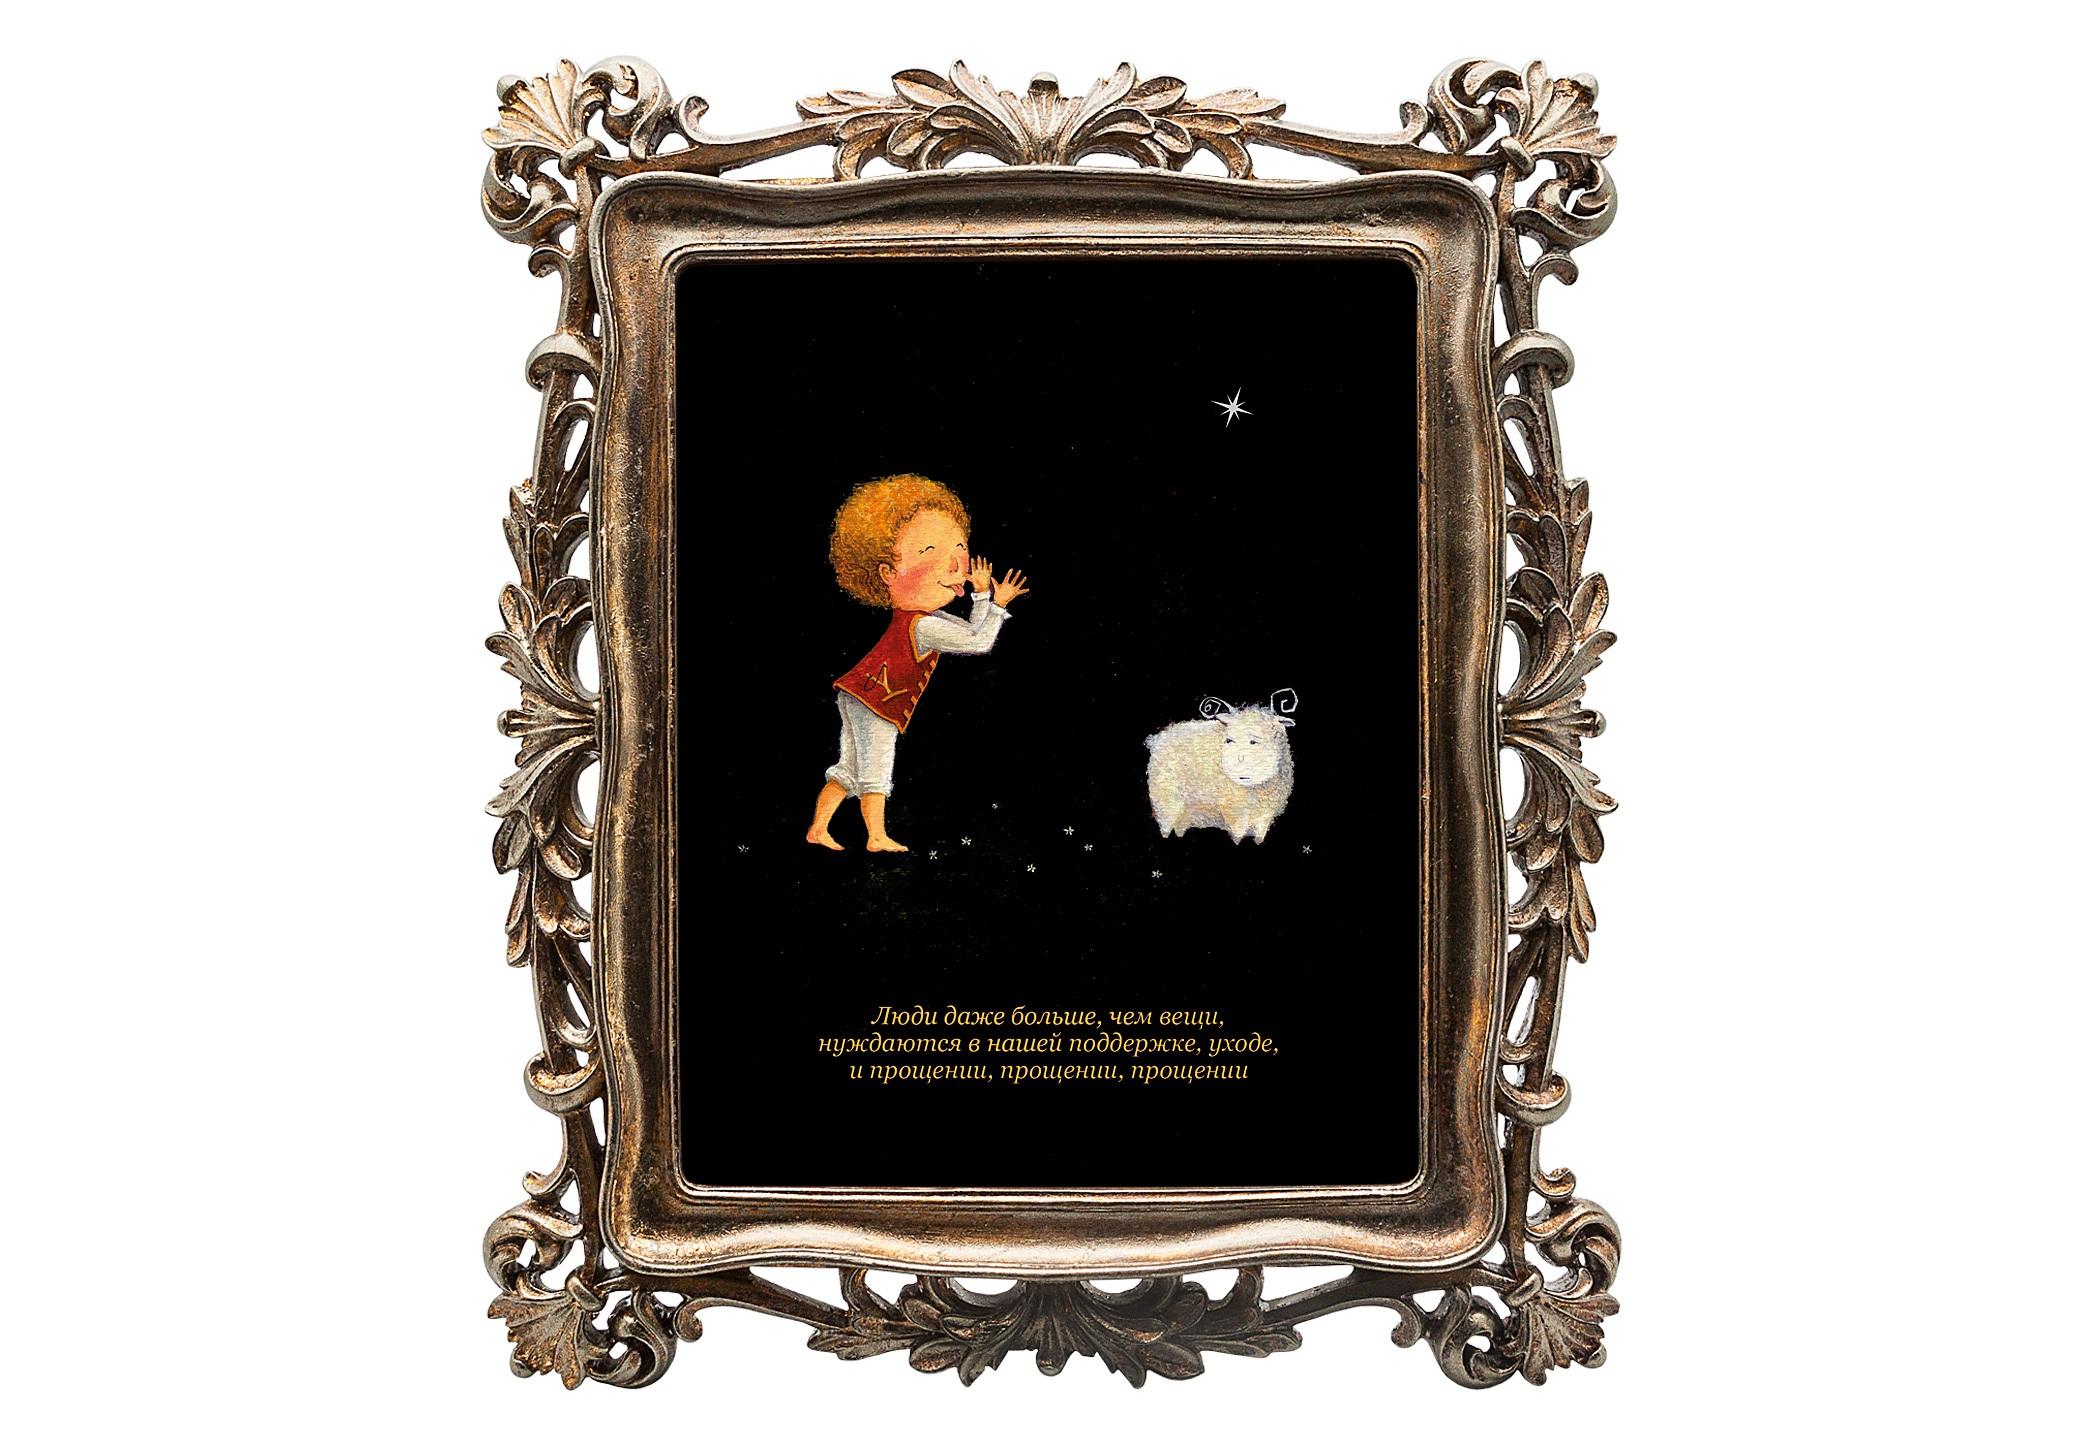 Картина 12 рецептов счастья (Овен)Картины<br>Картина из коллекции «12 рецептов счастья» «Люди даже больше, чем вещи, нуждаются в нашей поддержке, уходе, и прощении, прощении, прощении» олицетворяет собой знак зодиака Овен, преподнося нам уникальное пожелание.  Картину можно повесить на стену, либо поставить, например, на стол или камин. Защитный стеклянный слой  гарантирует долгую жизнь прекрасному изображению. Рама изготовлена из полистоуна. Искусная техника состаривания придает раме особую теплоту и винтажность.&amp;lt;div&amp;gt;&amp;lt;br&amp;gt;&amp;lt;/div&amp;gt;&amp;lt;div&amp;gt;Материал: полистоун, стекло, дизайнерская бумага.&amp;lt;br&amp;gt;&amp;lt;/div&amp;gt;<br><br>Material: Полистоун<br>Width см: 29.7<br>Depth см: 2.2<br>Height см: 34.7